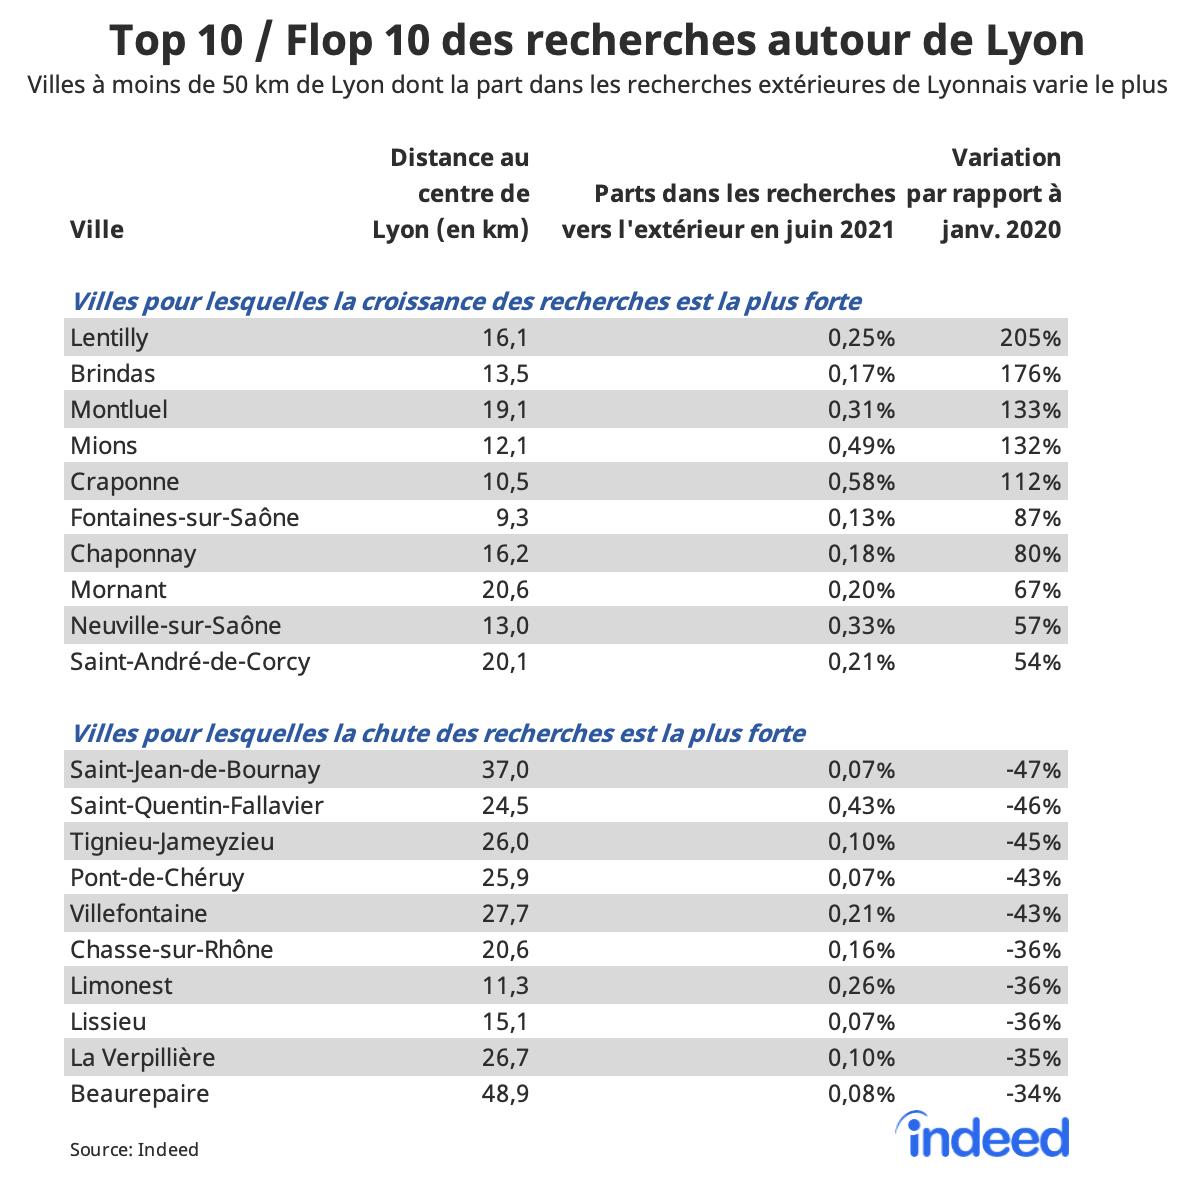 Le tableau figure les villes à moins de 50 km de Lyon qui ont connu la plus forte croissance dans les recherches de Lyonnais. Les colonnes affichent la distance des villes au centre de Lyon (en km), la part de la ville dans les recherches en dehors de Lyon en juin 2021 et la variation de cette part par rapport à janvier 2020, en %.